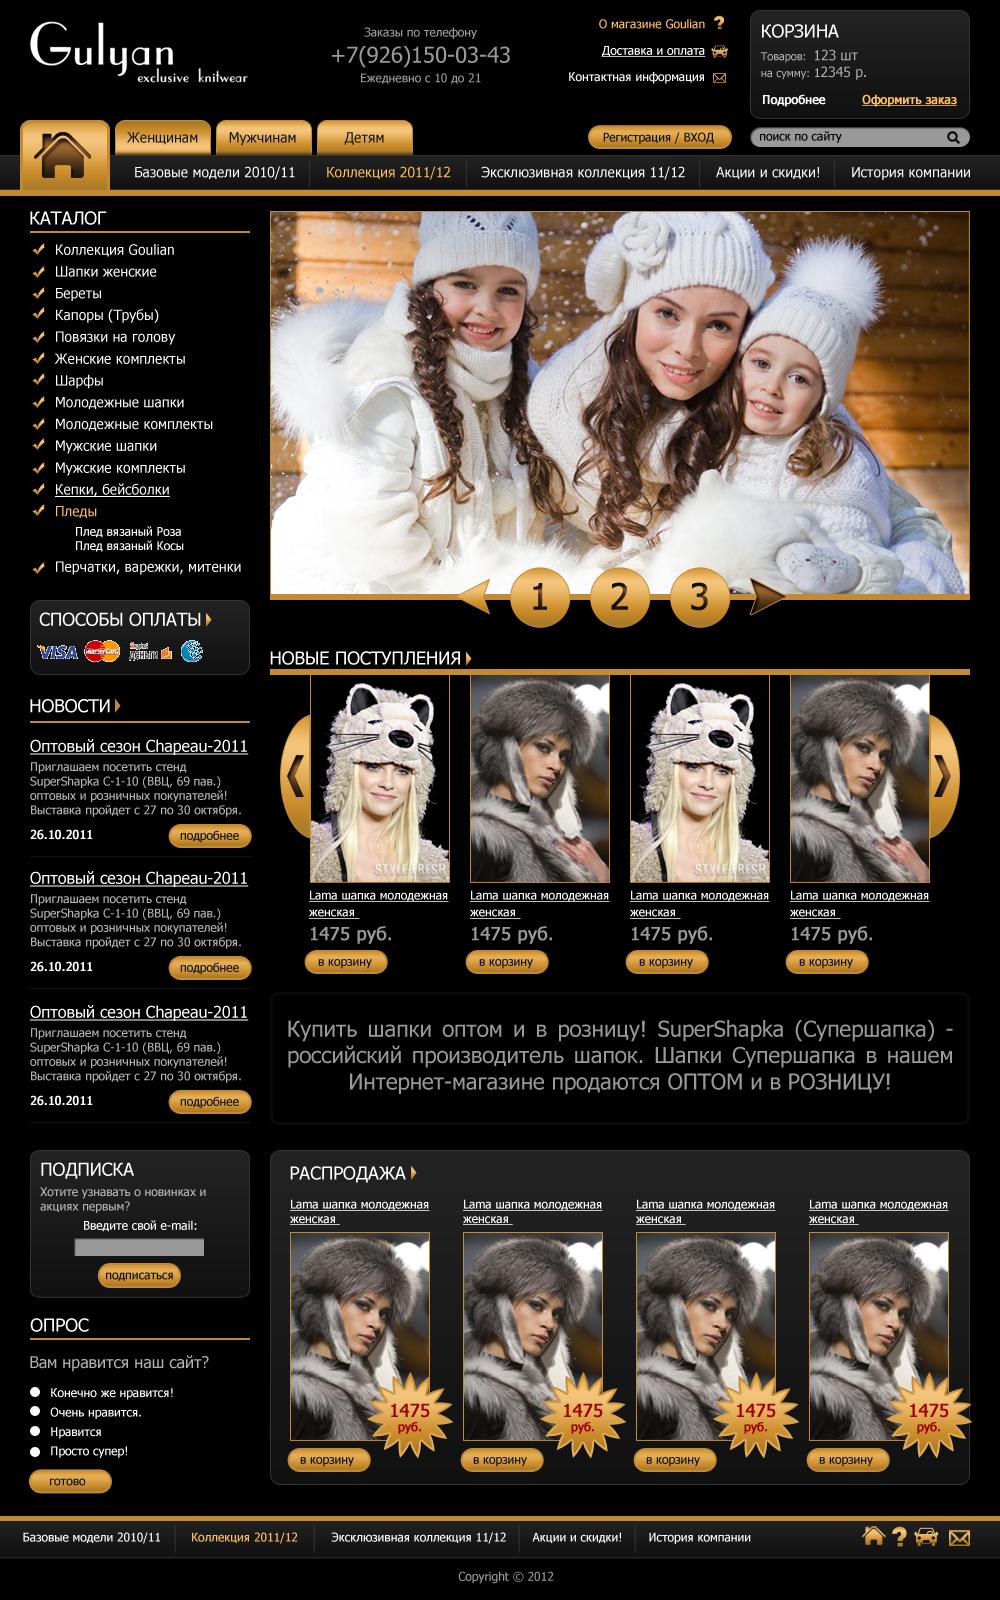 Дизайн интернет магазина косметики фото f_4f326e3939d36.jpg